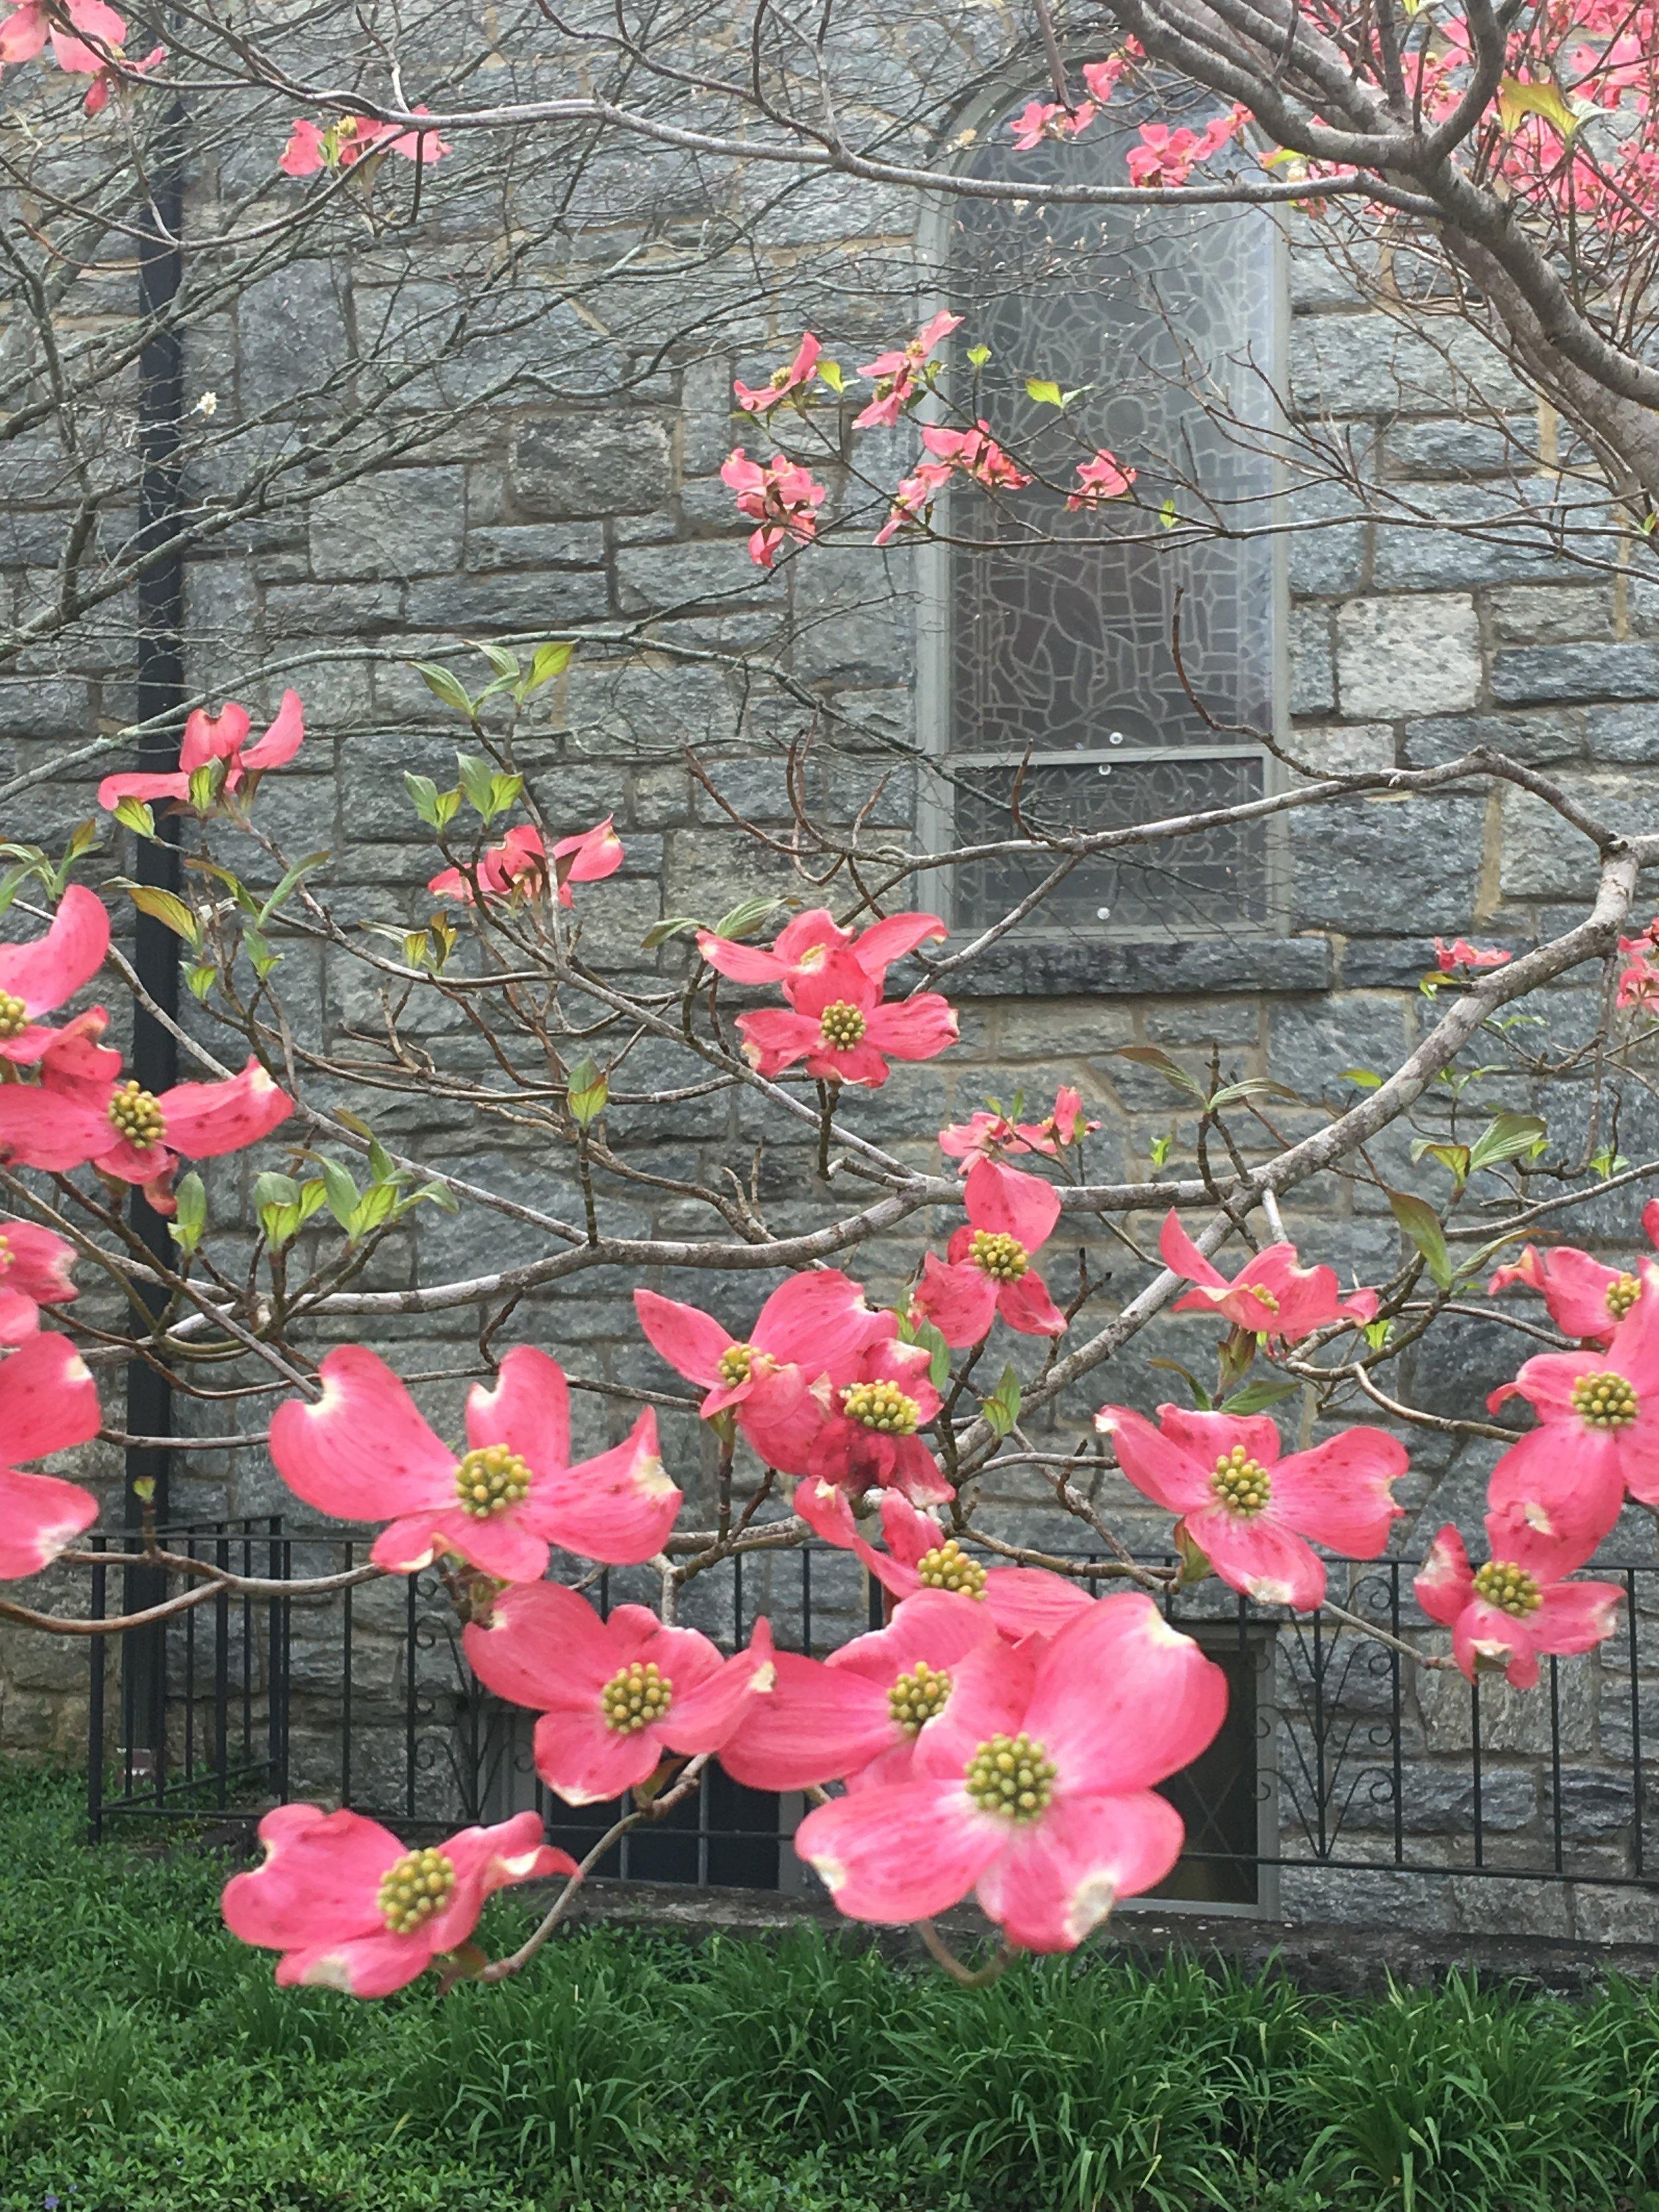 Cornus florida var. rubra; Pink dogwood tree